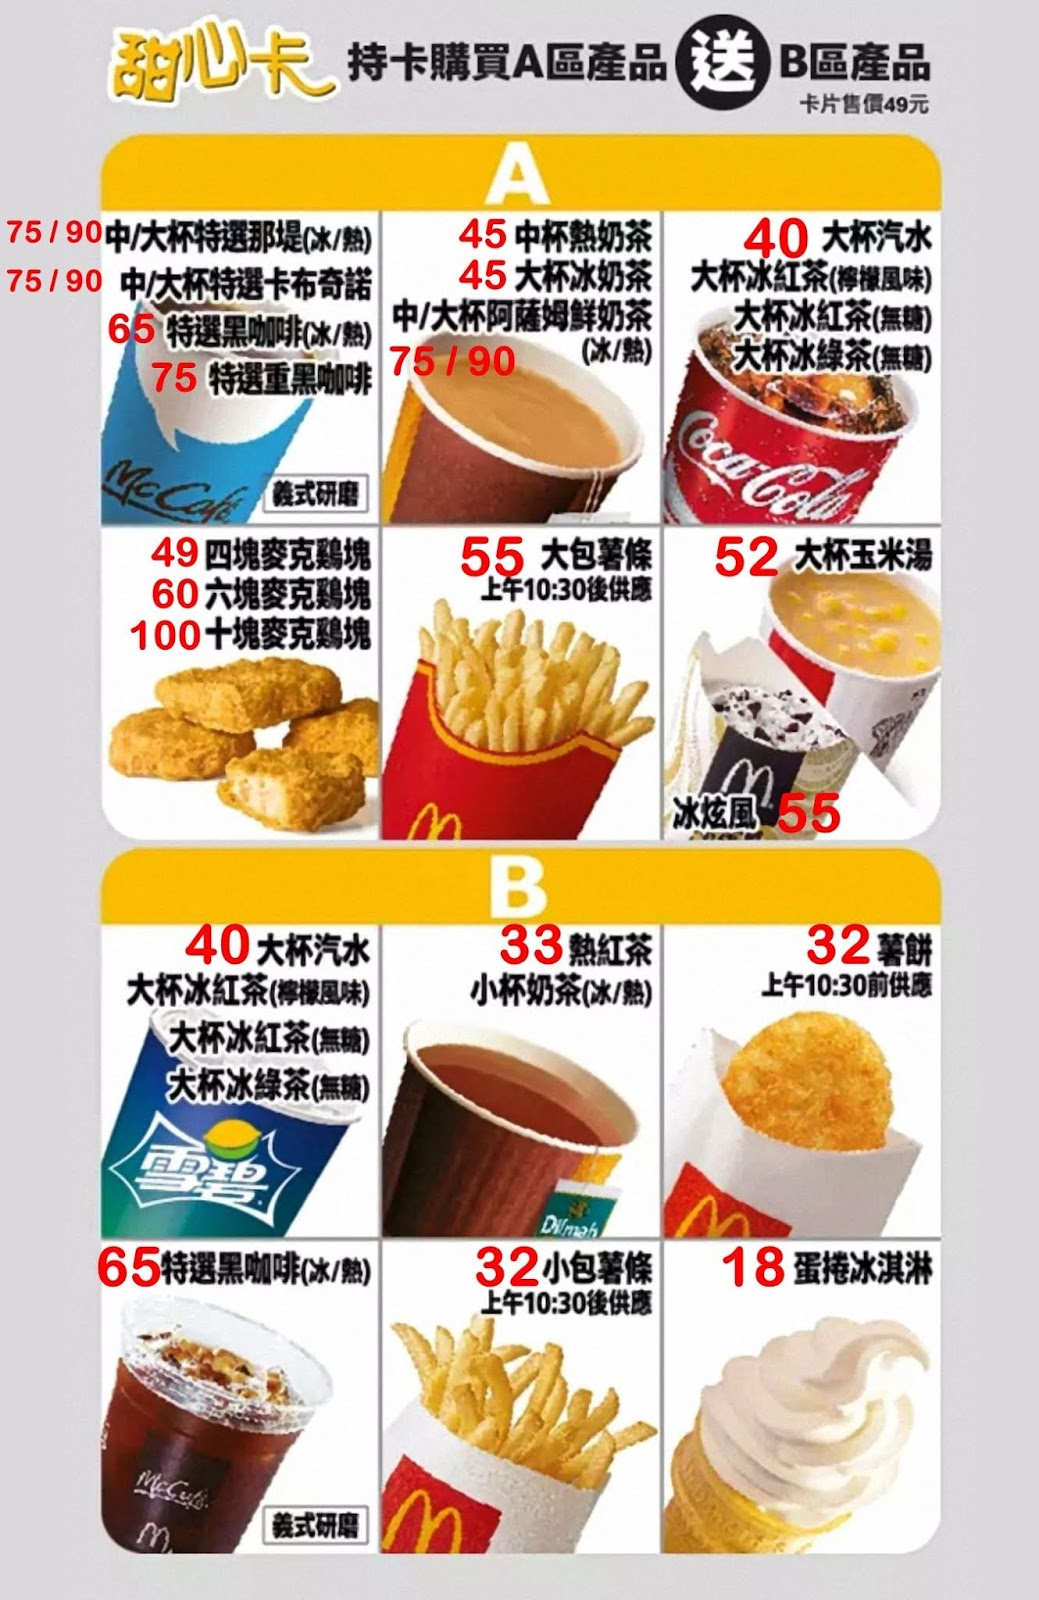 【麥當勞】2020甜心卡優惠